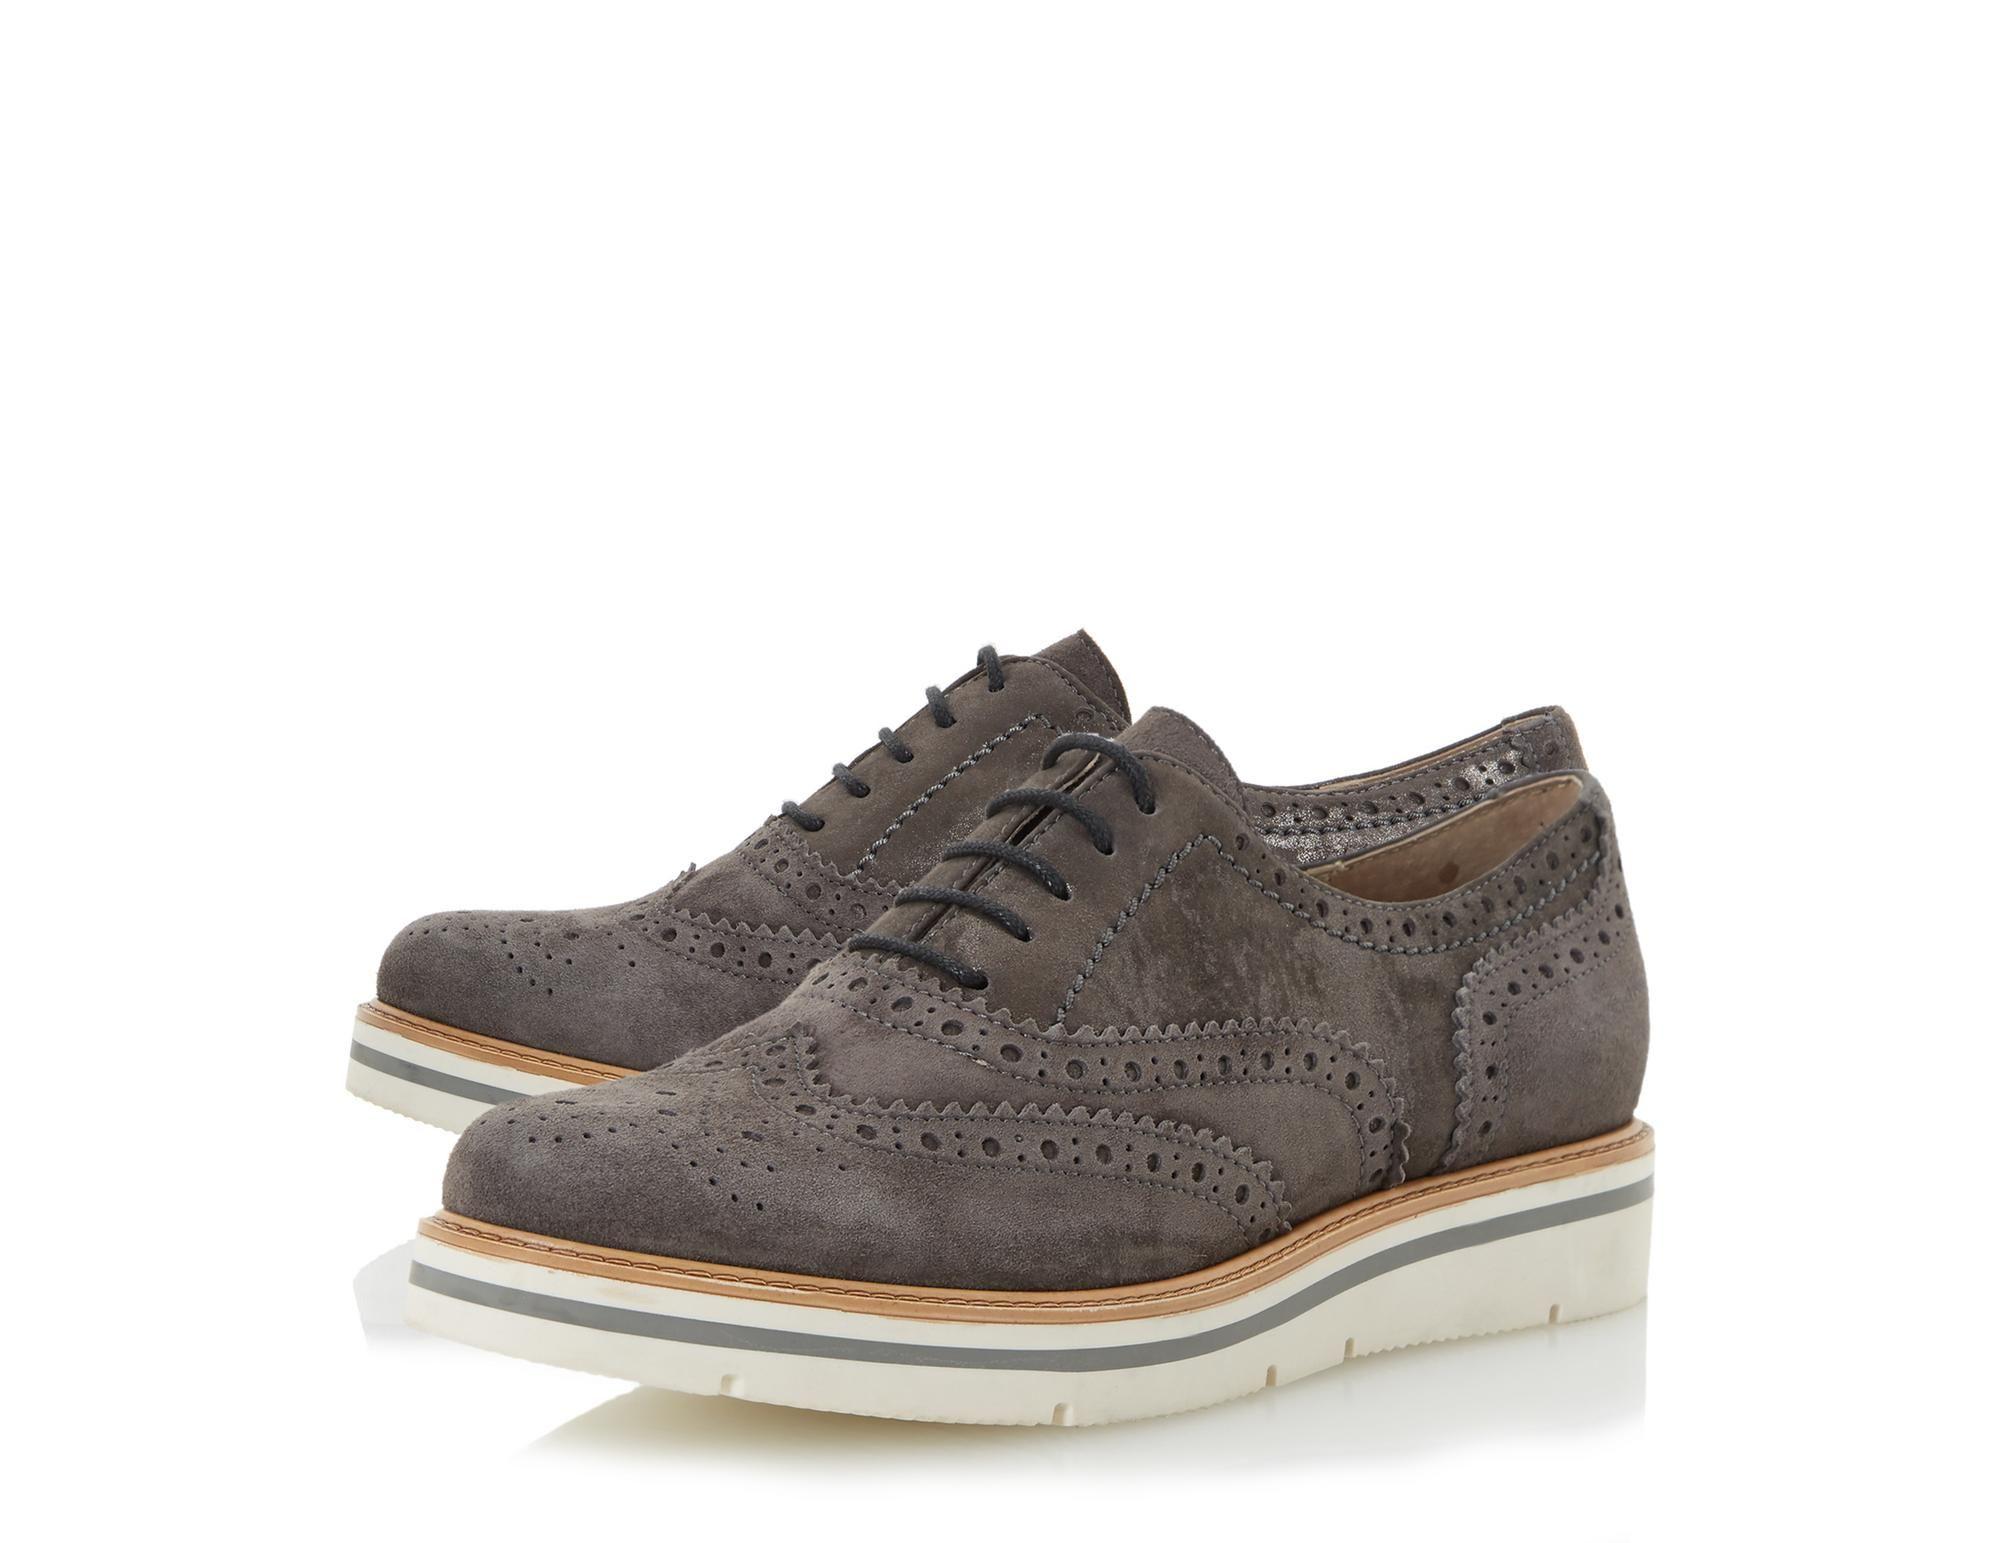 Suede Flatform Brogue Shoe - grey